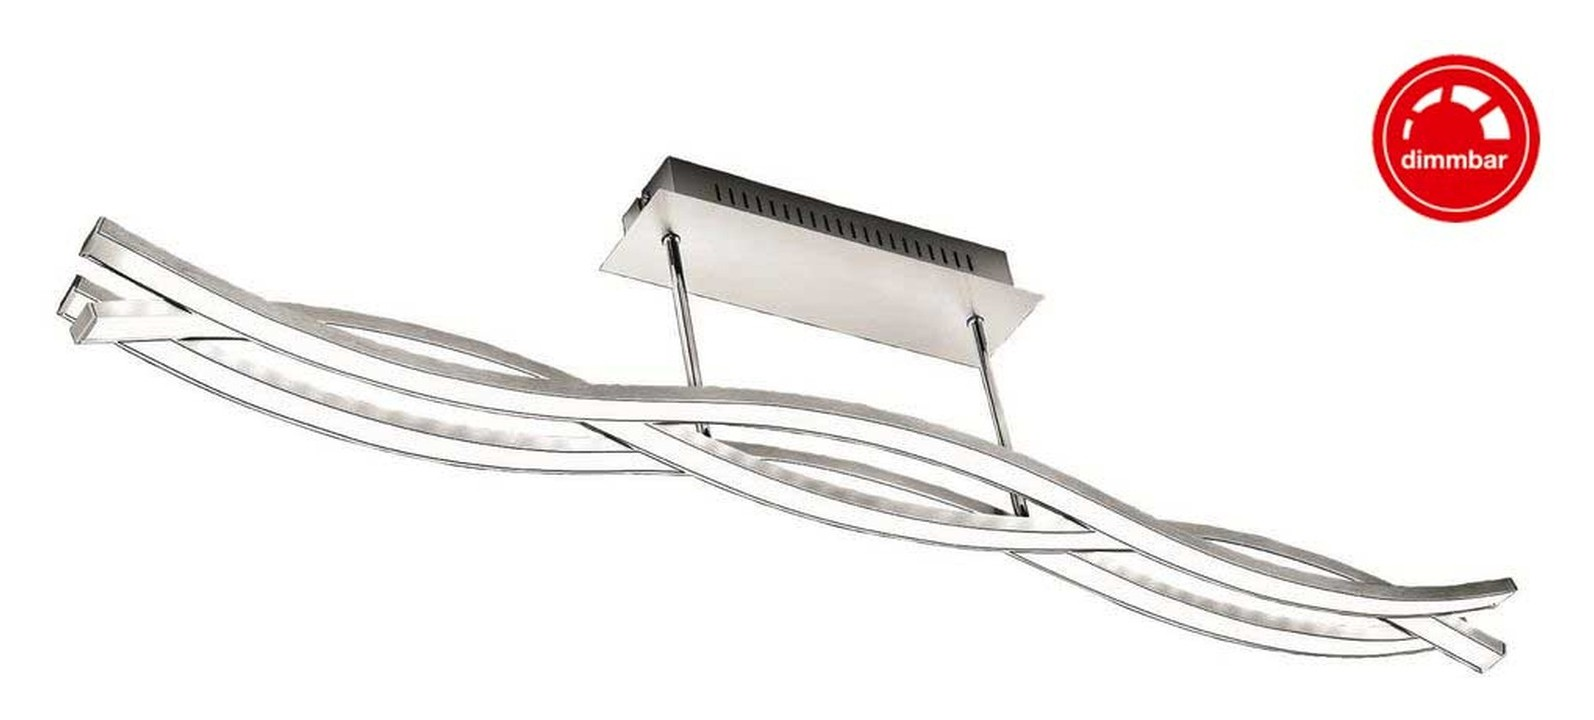 LED Deckenleuchte 4443-039 Hängelampe Esszimmer Dimmbar - Briloner